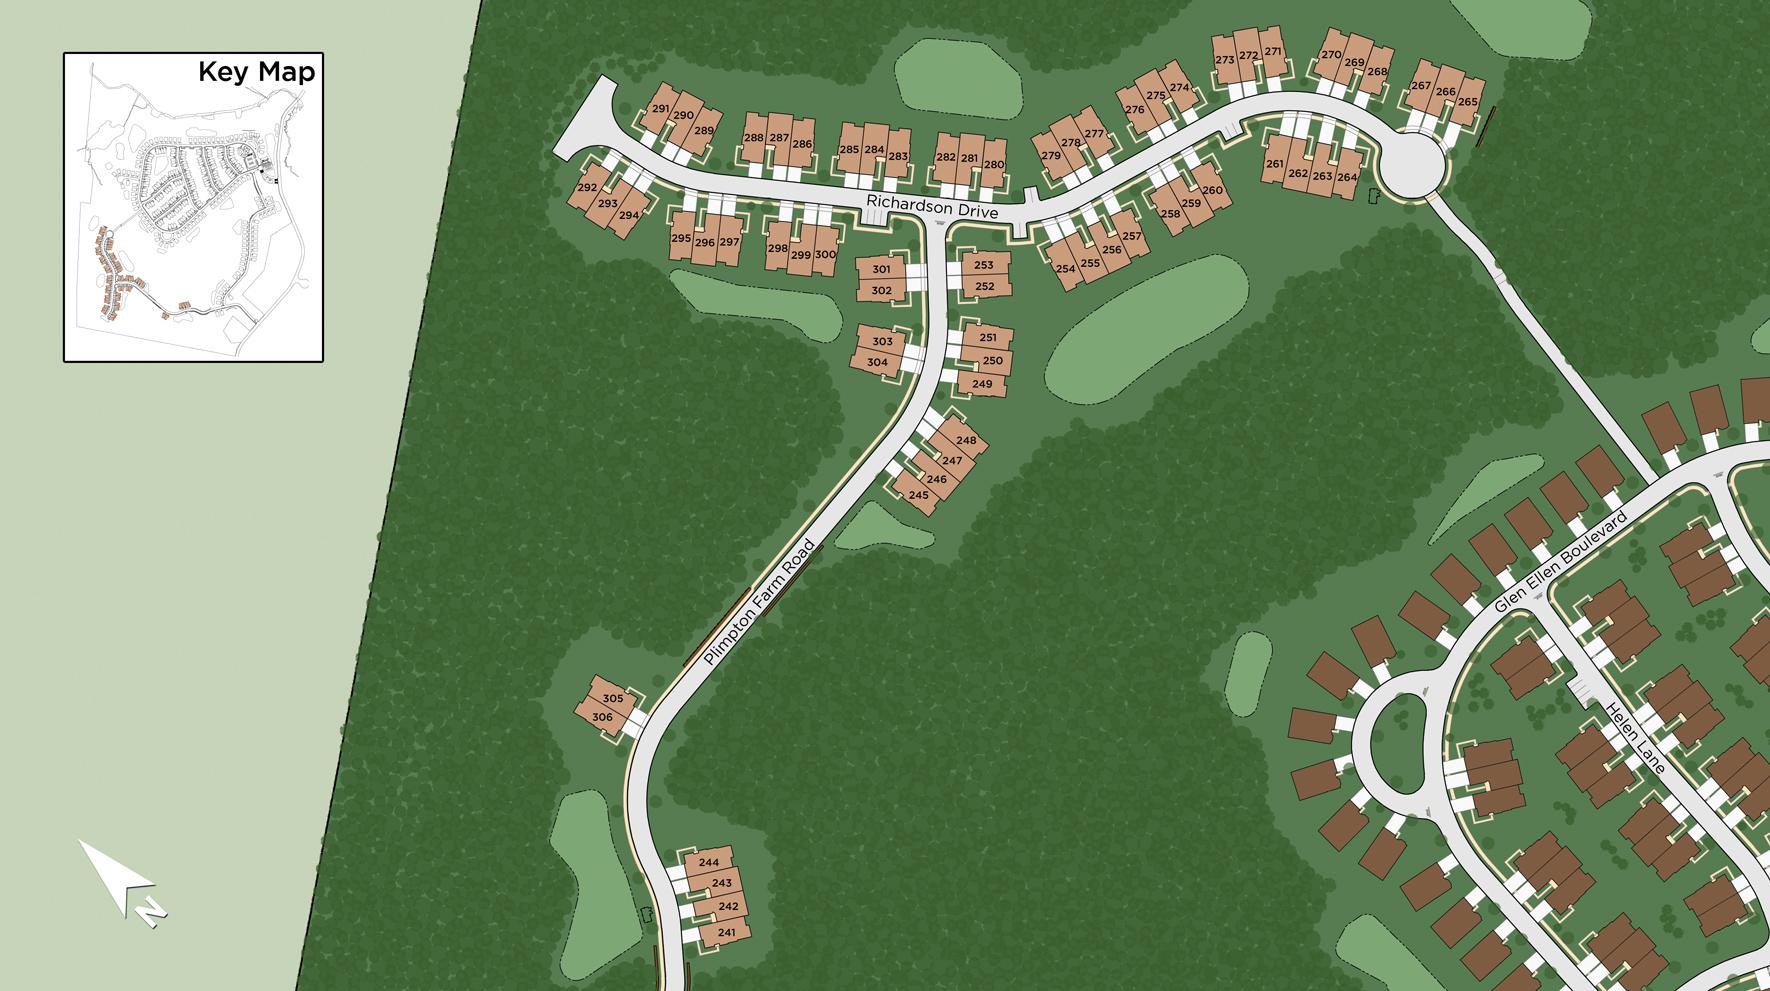 Richardson Drive Site Plan